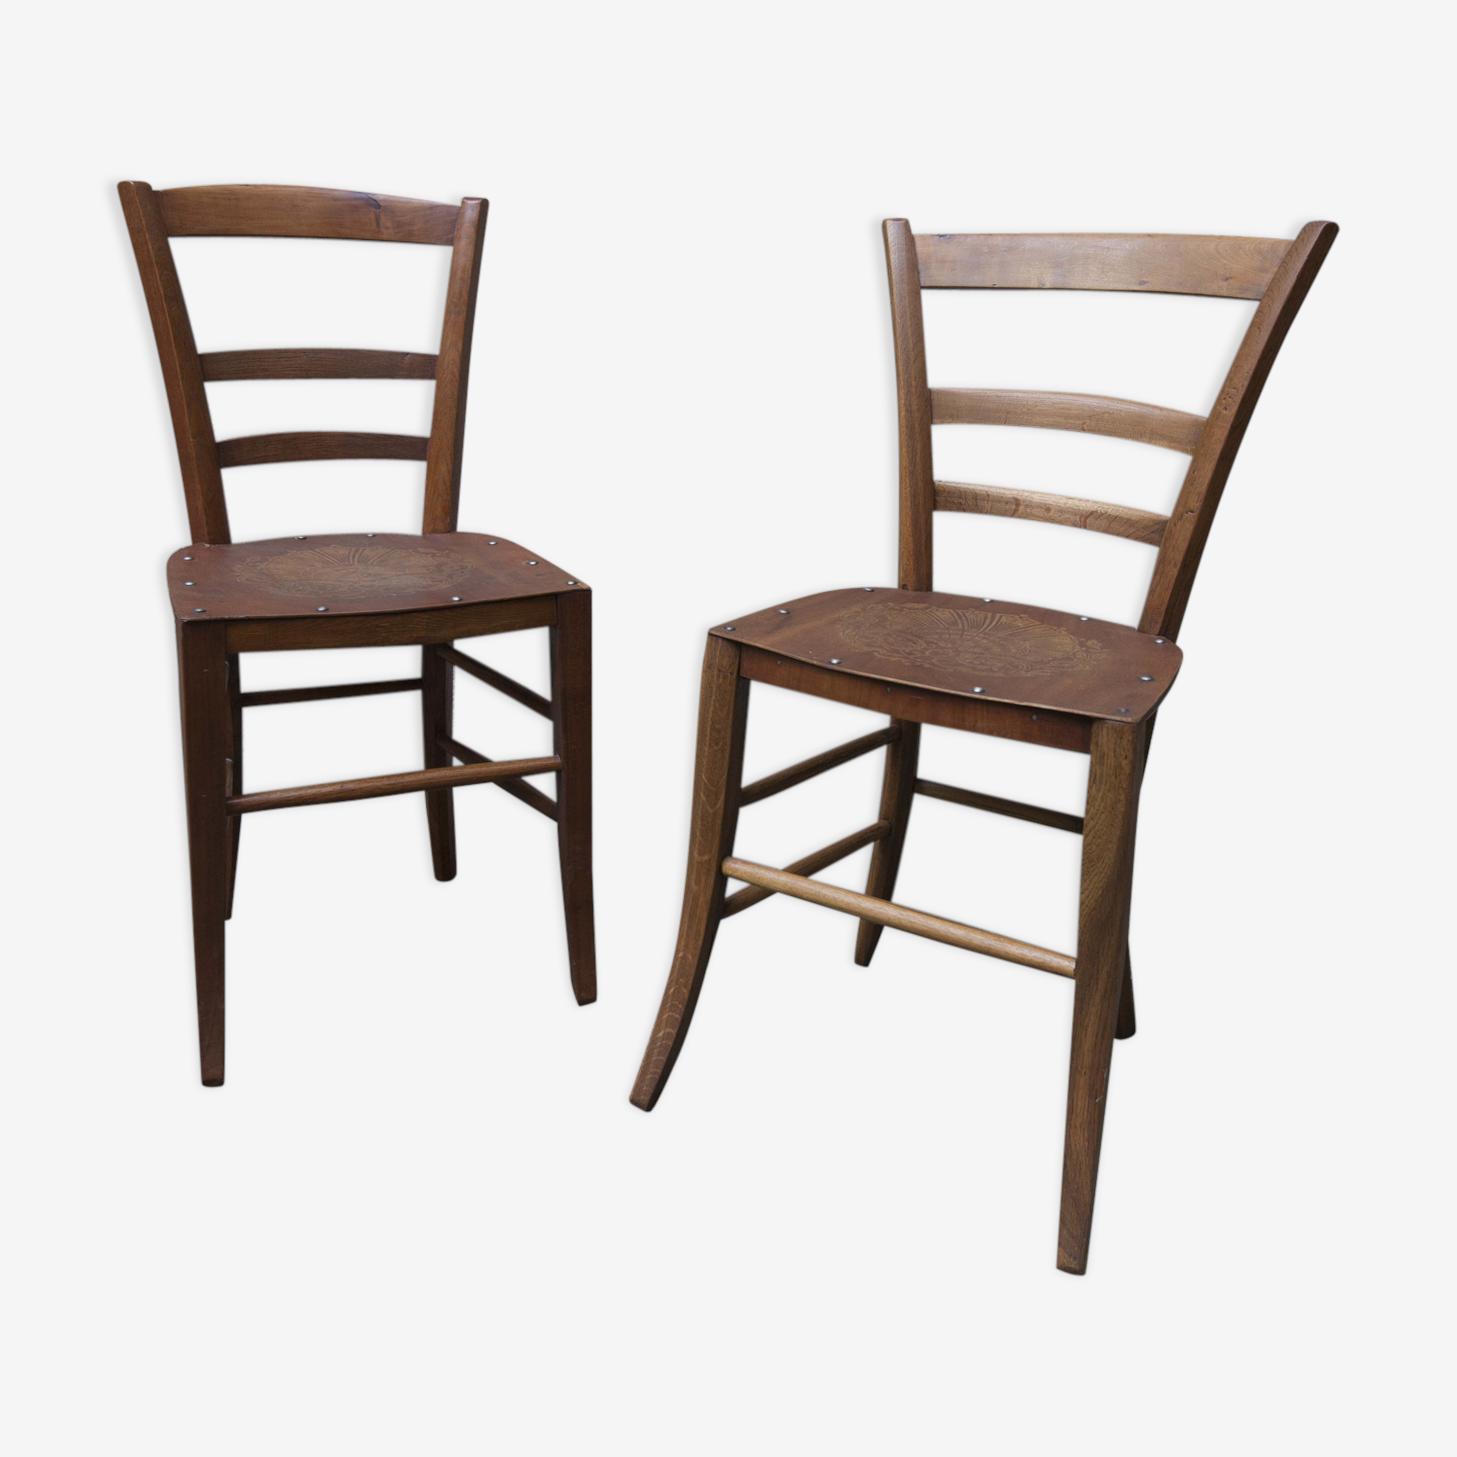 Paire de chaises bois années 20 dessins assise pressé